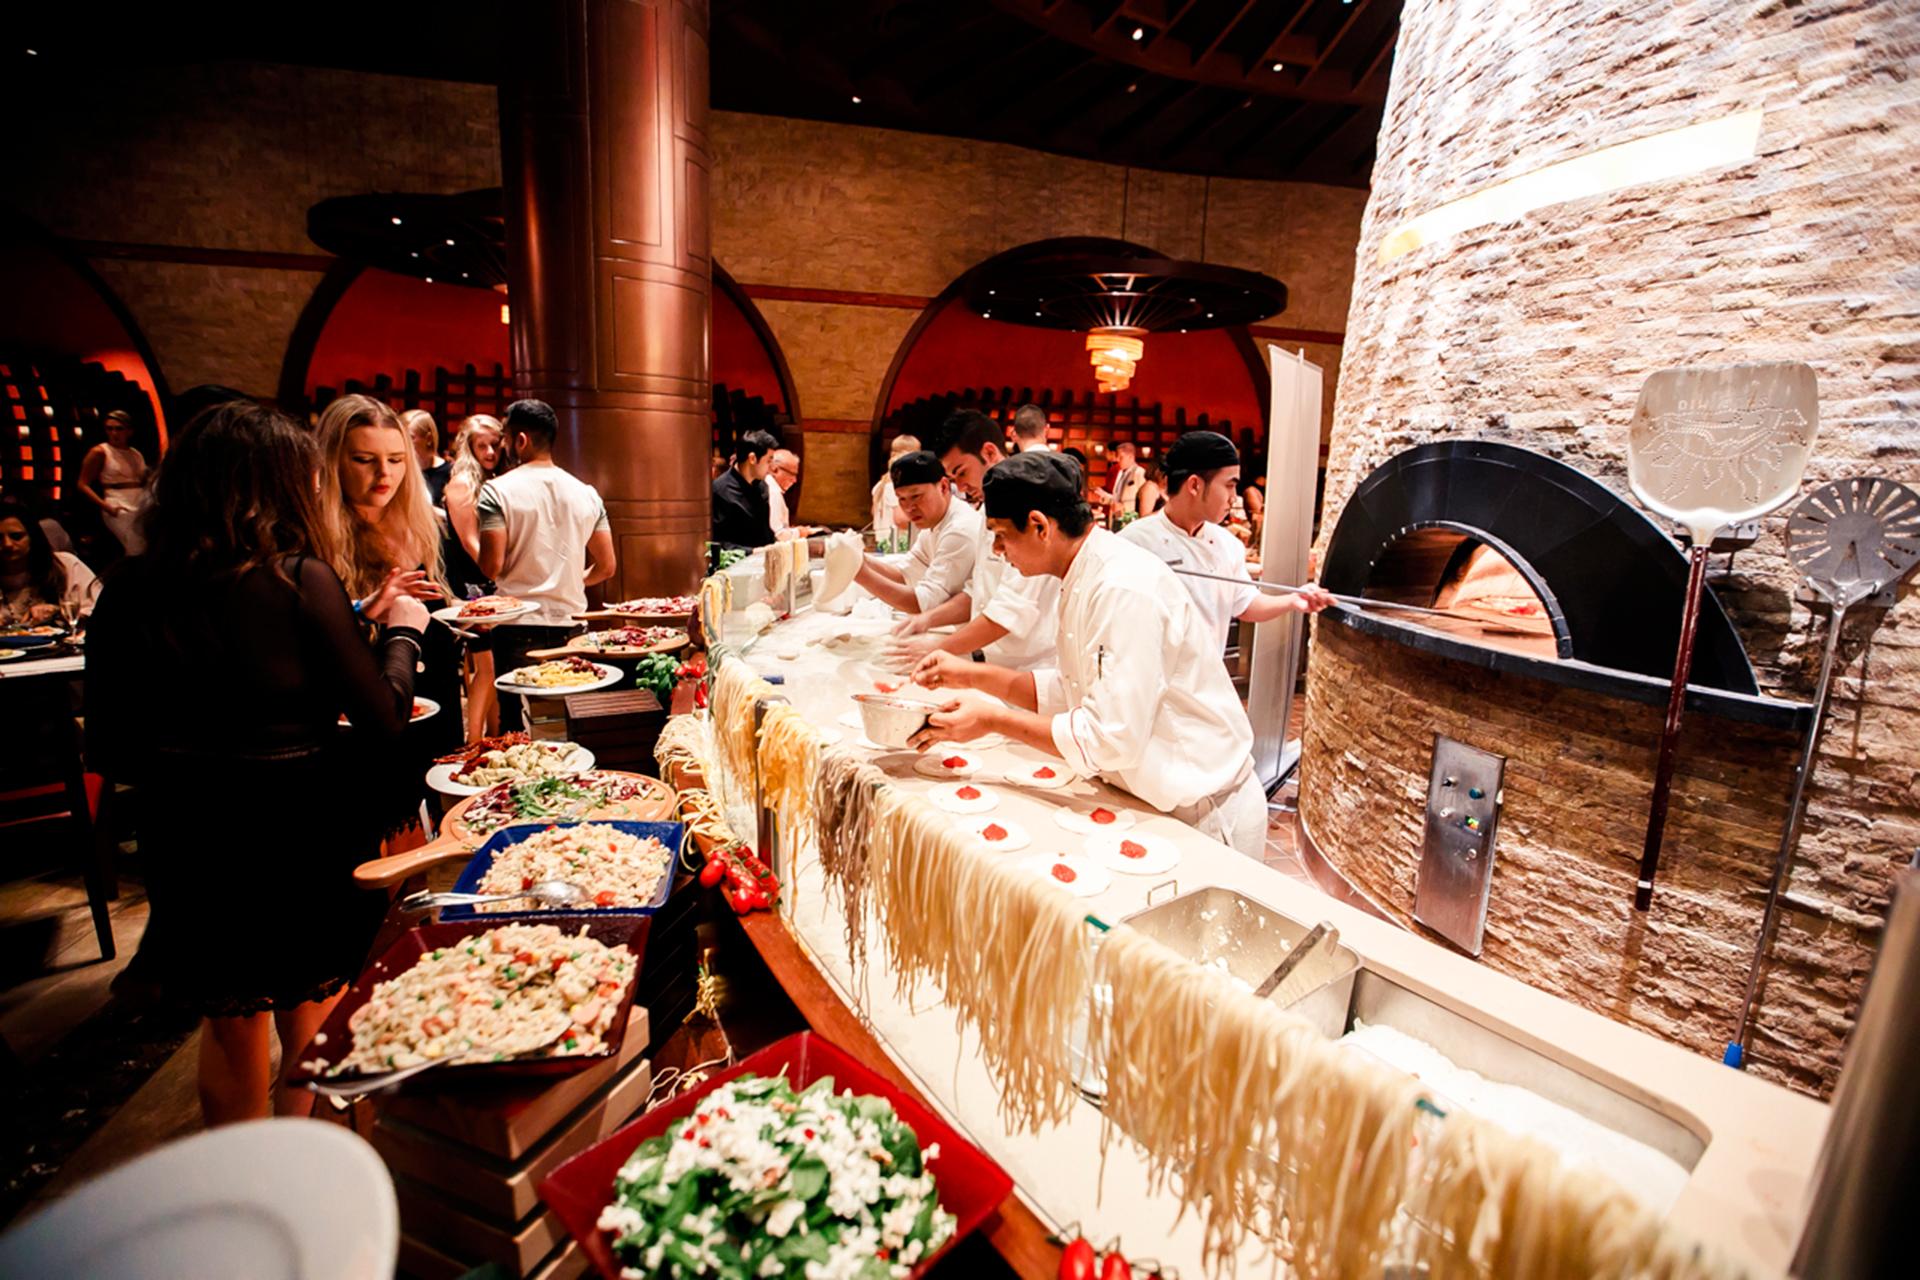 Sự kiện Cirque De Cuisine tại khách sạn Atlantis